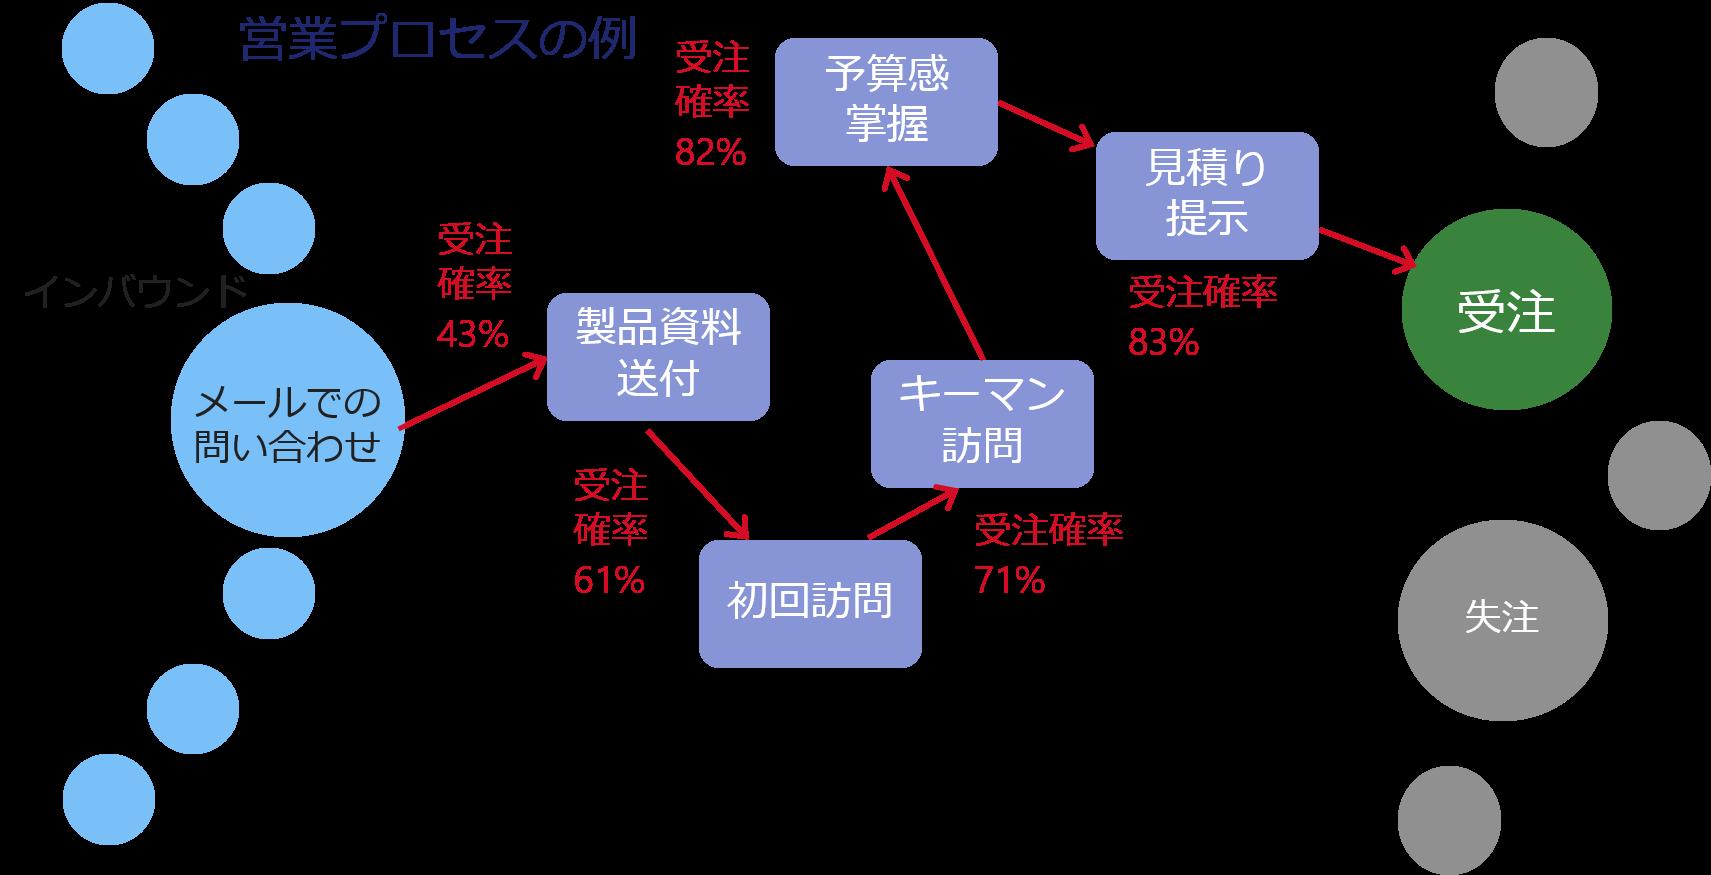 プロセスのリコメンド例